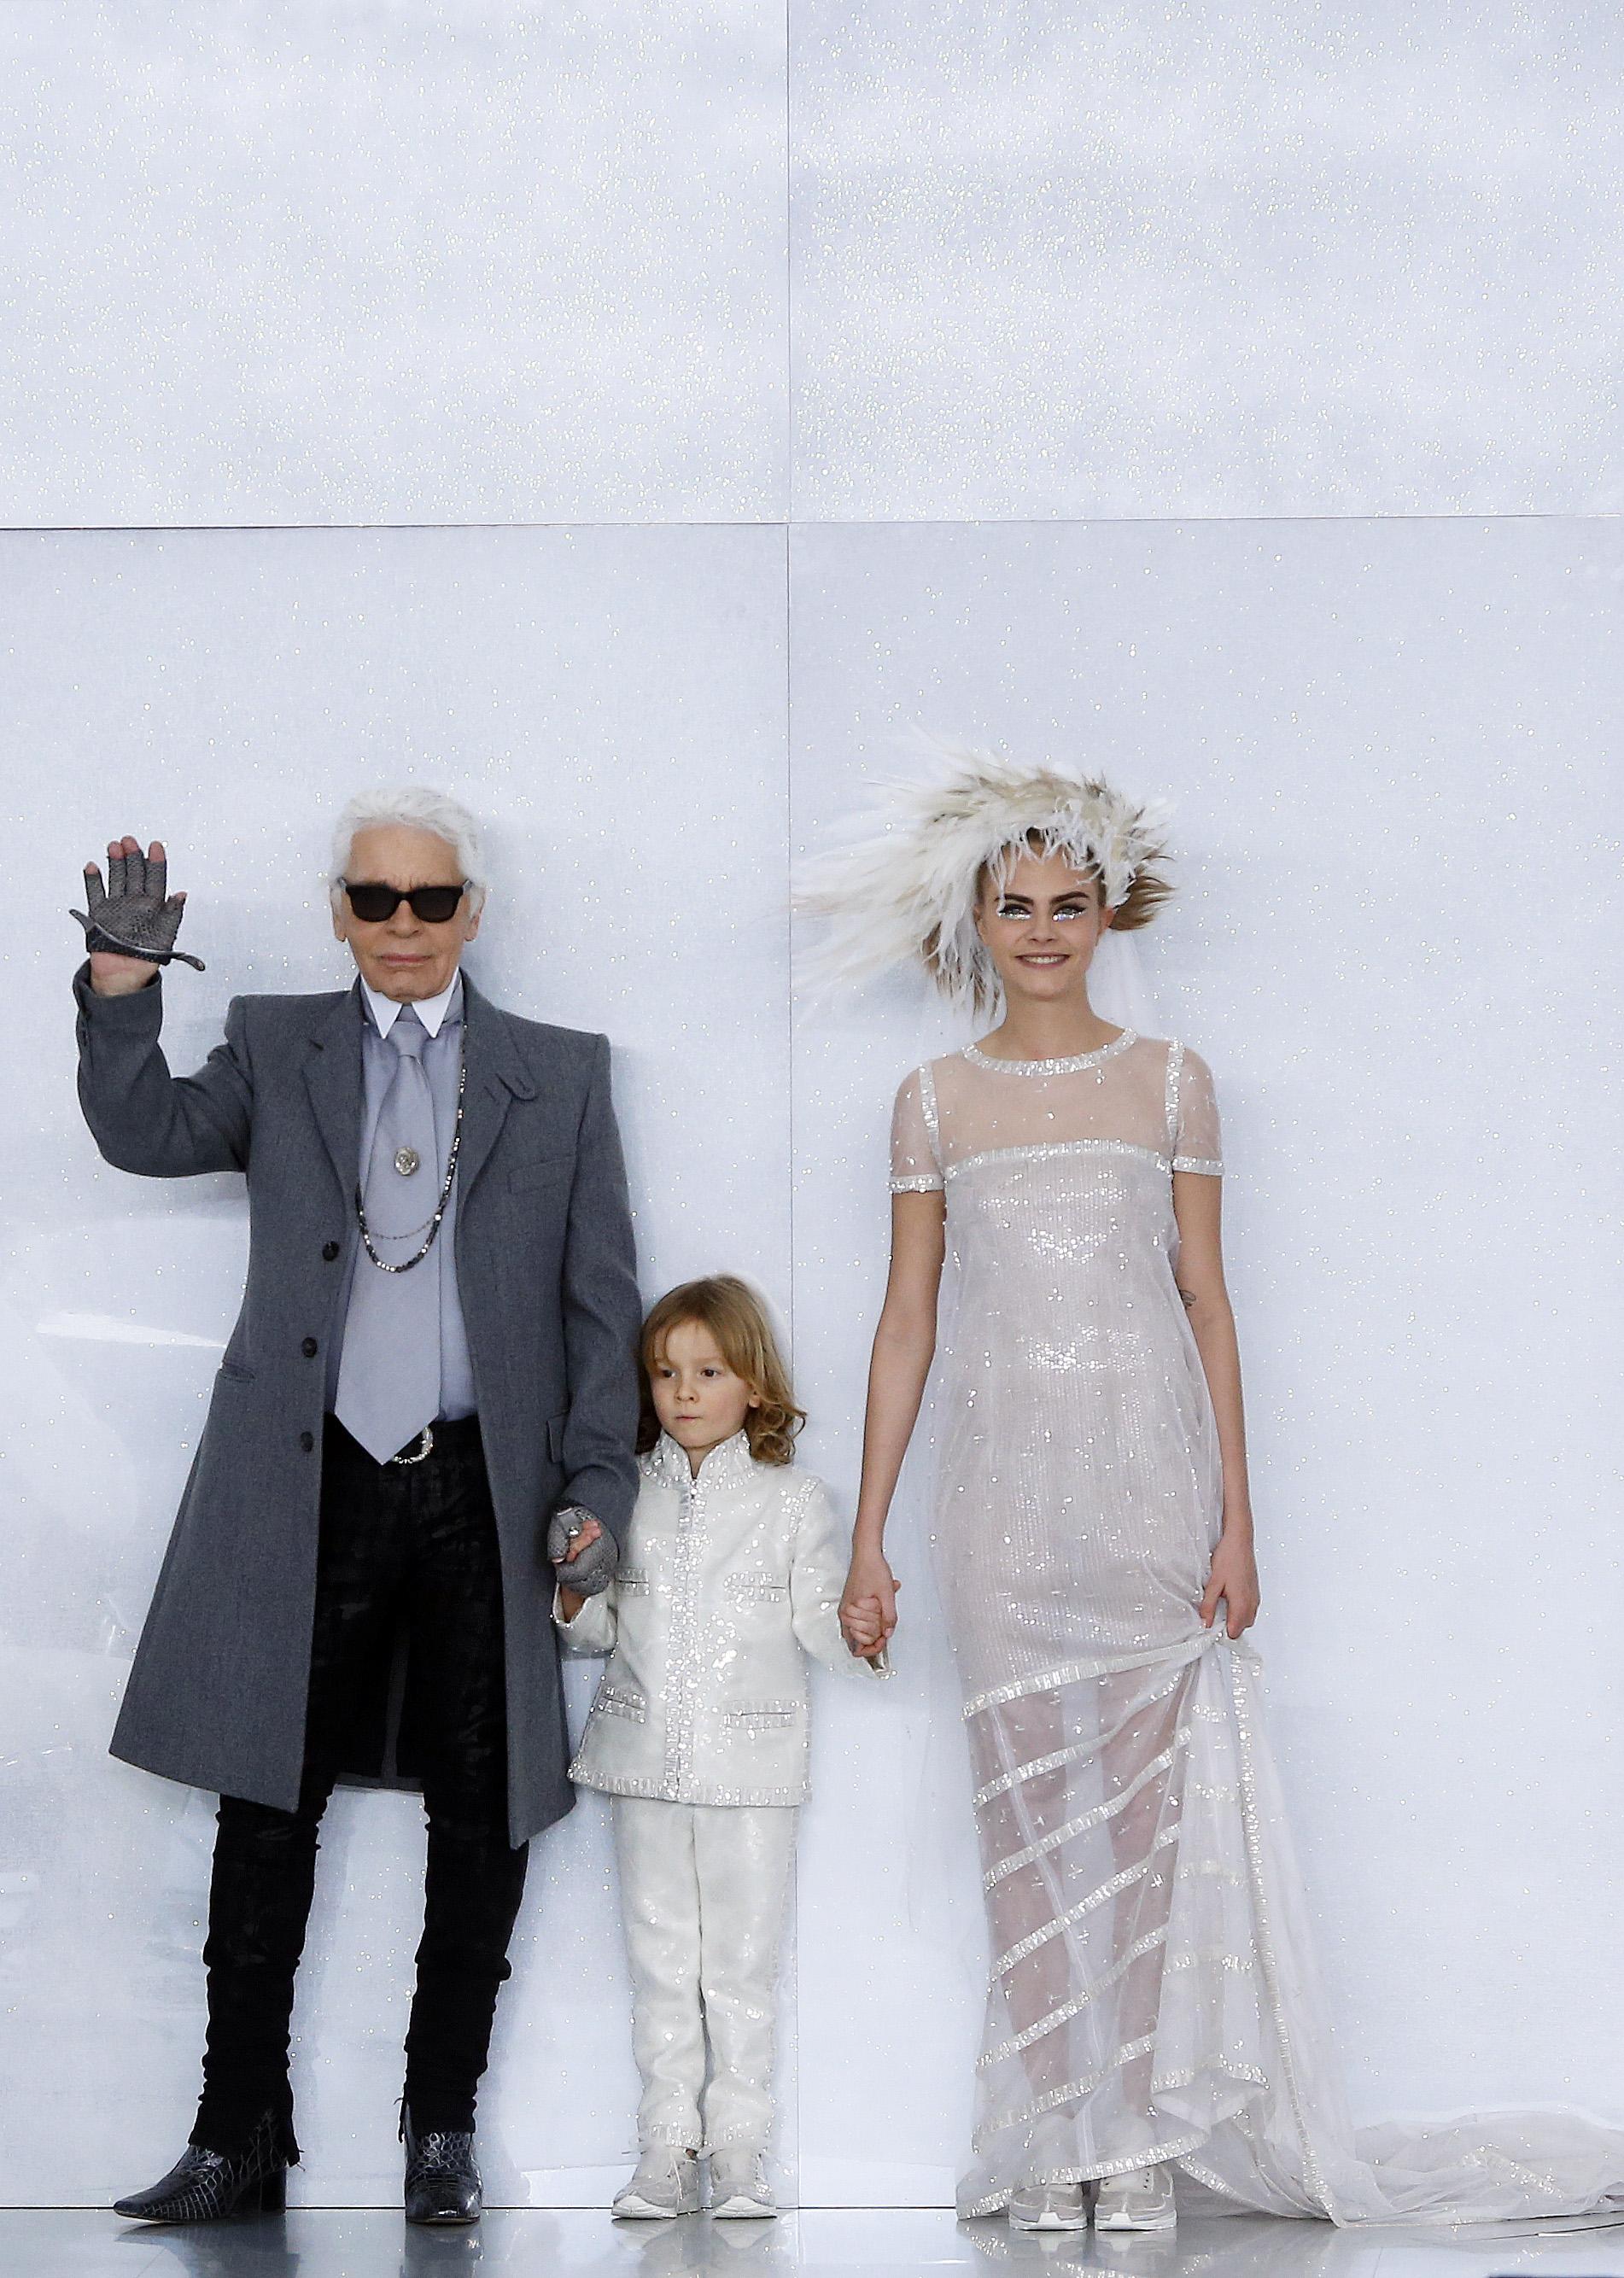 Дизайнер Карл Лагерфельд и модель Кара Делевинь закрывают кутюрный показ Chanel весна-лето 2014